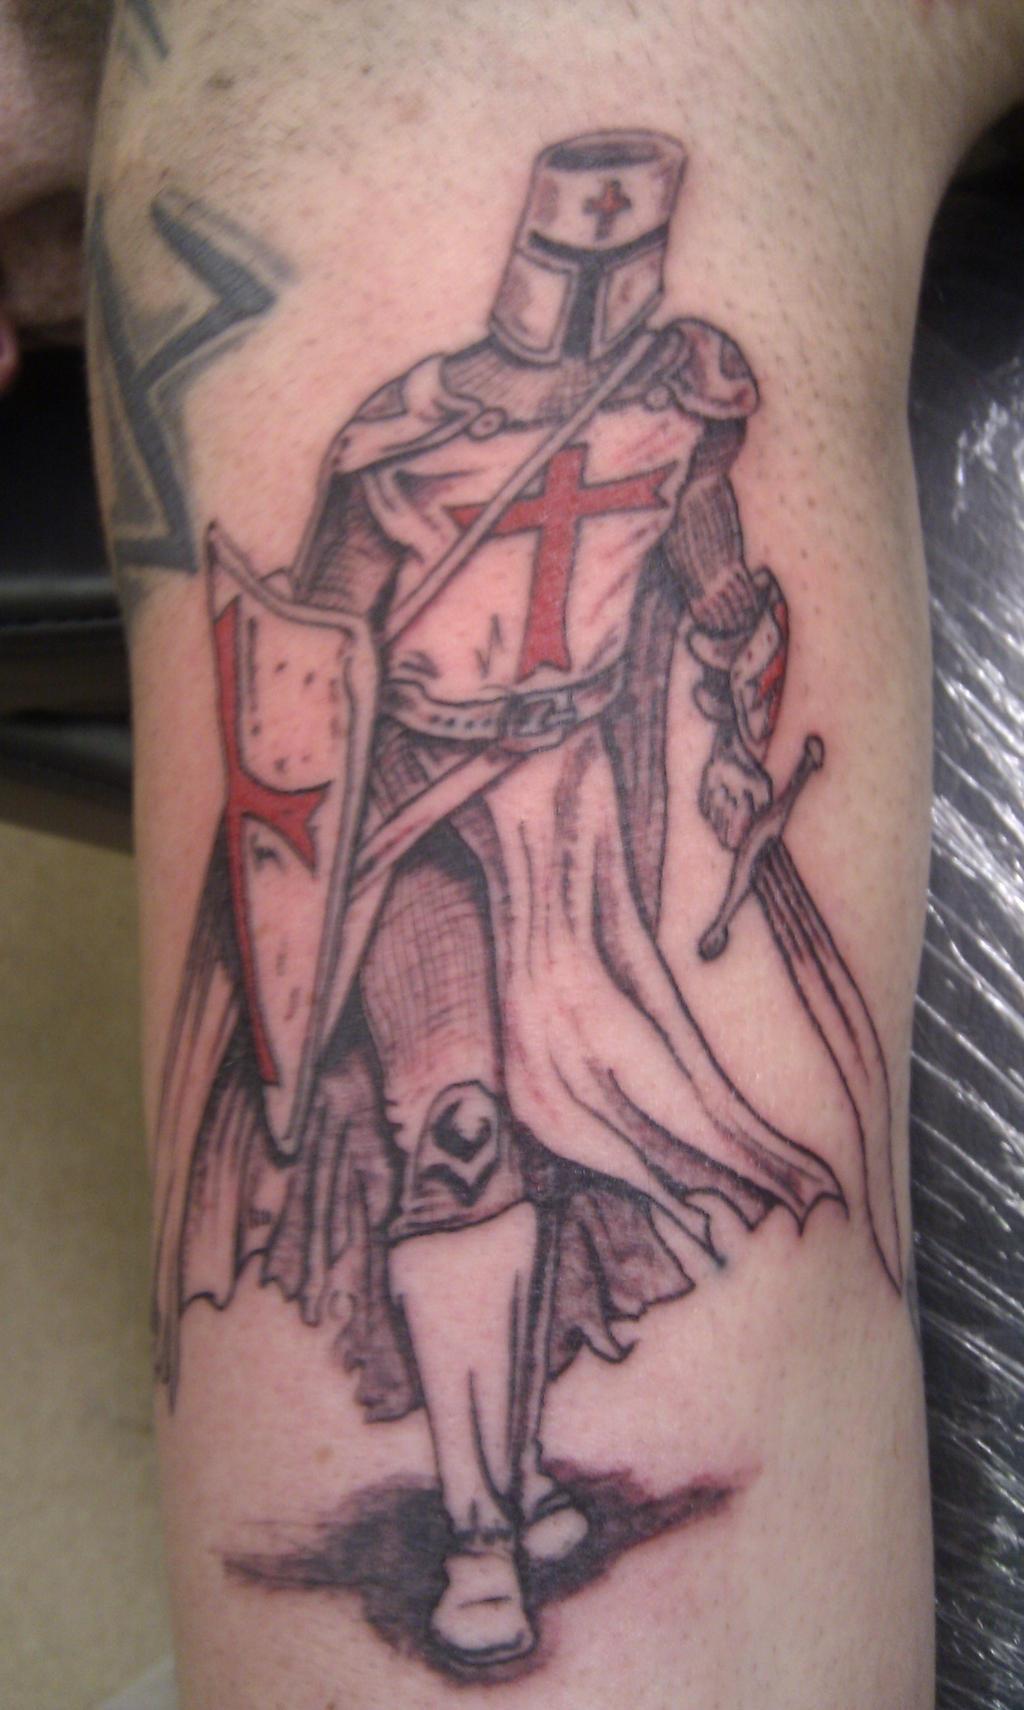 knight templar tattoo by madbadger69 on deviantart